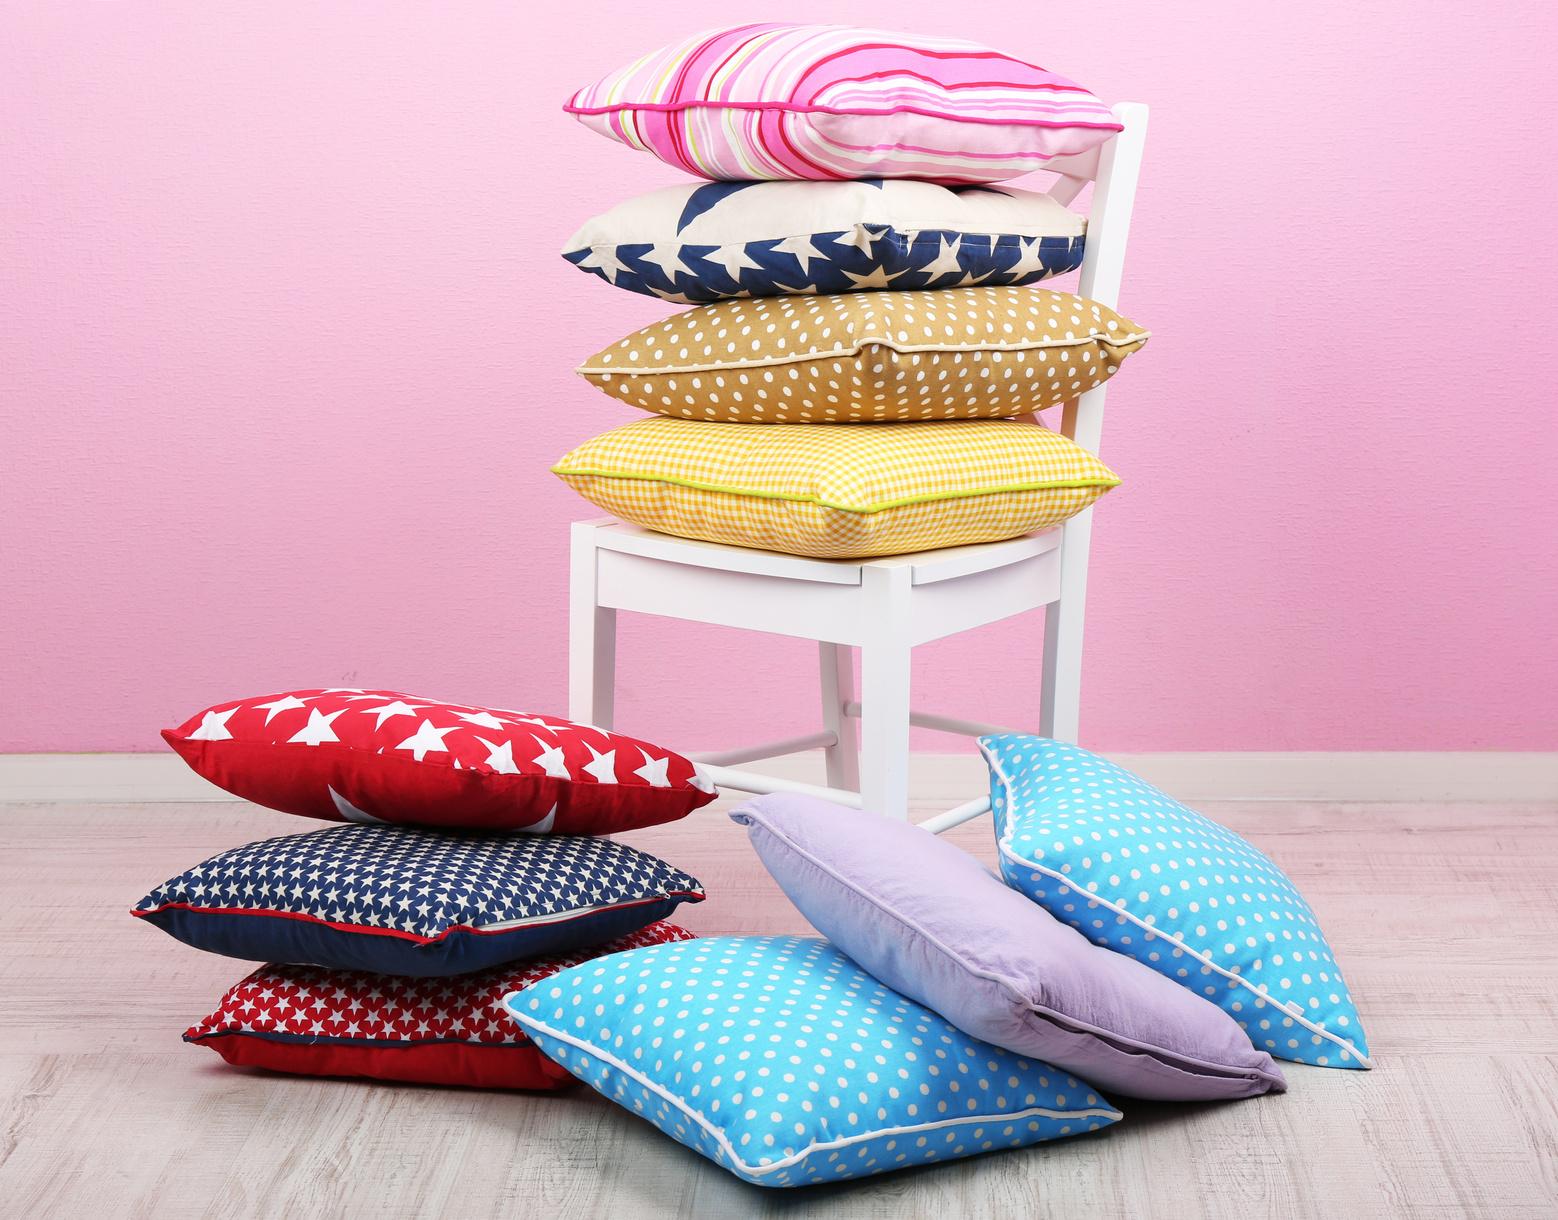 Cojines de diferentes colores sobre una silla